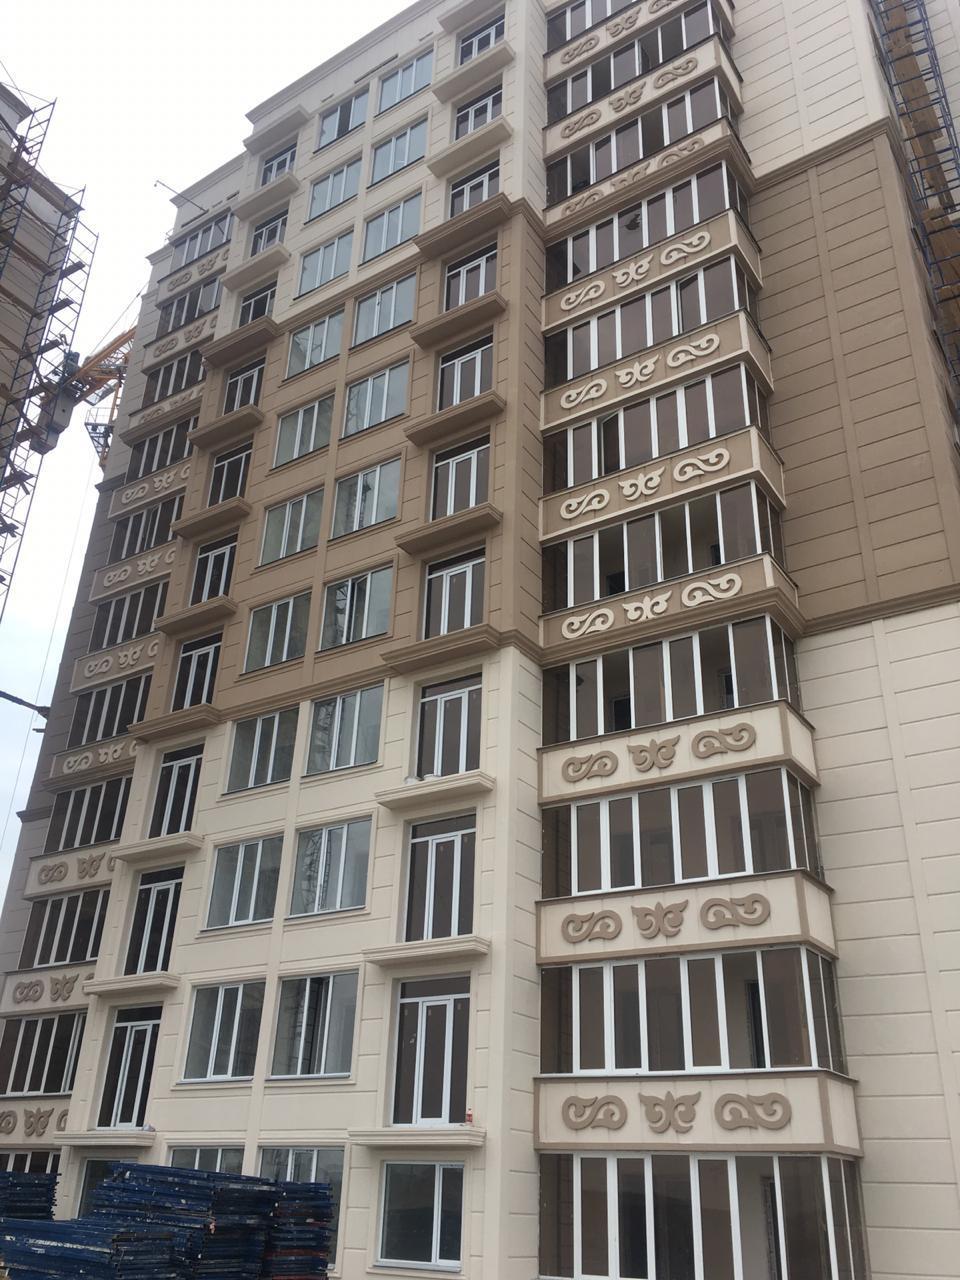 Термопанели для облицовки фасадов домов